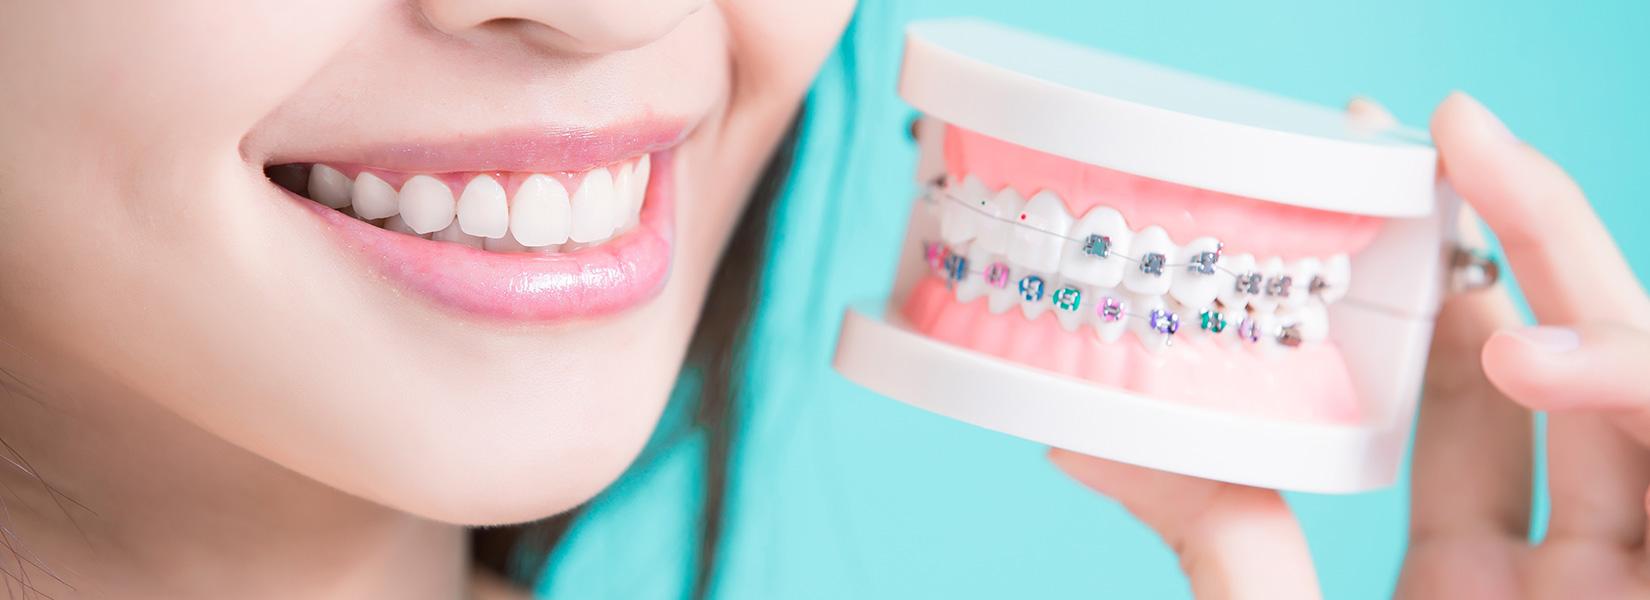 歯の矯正で行う結紮とは?